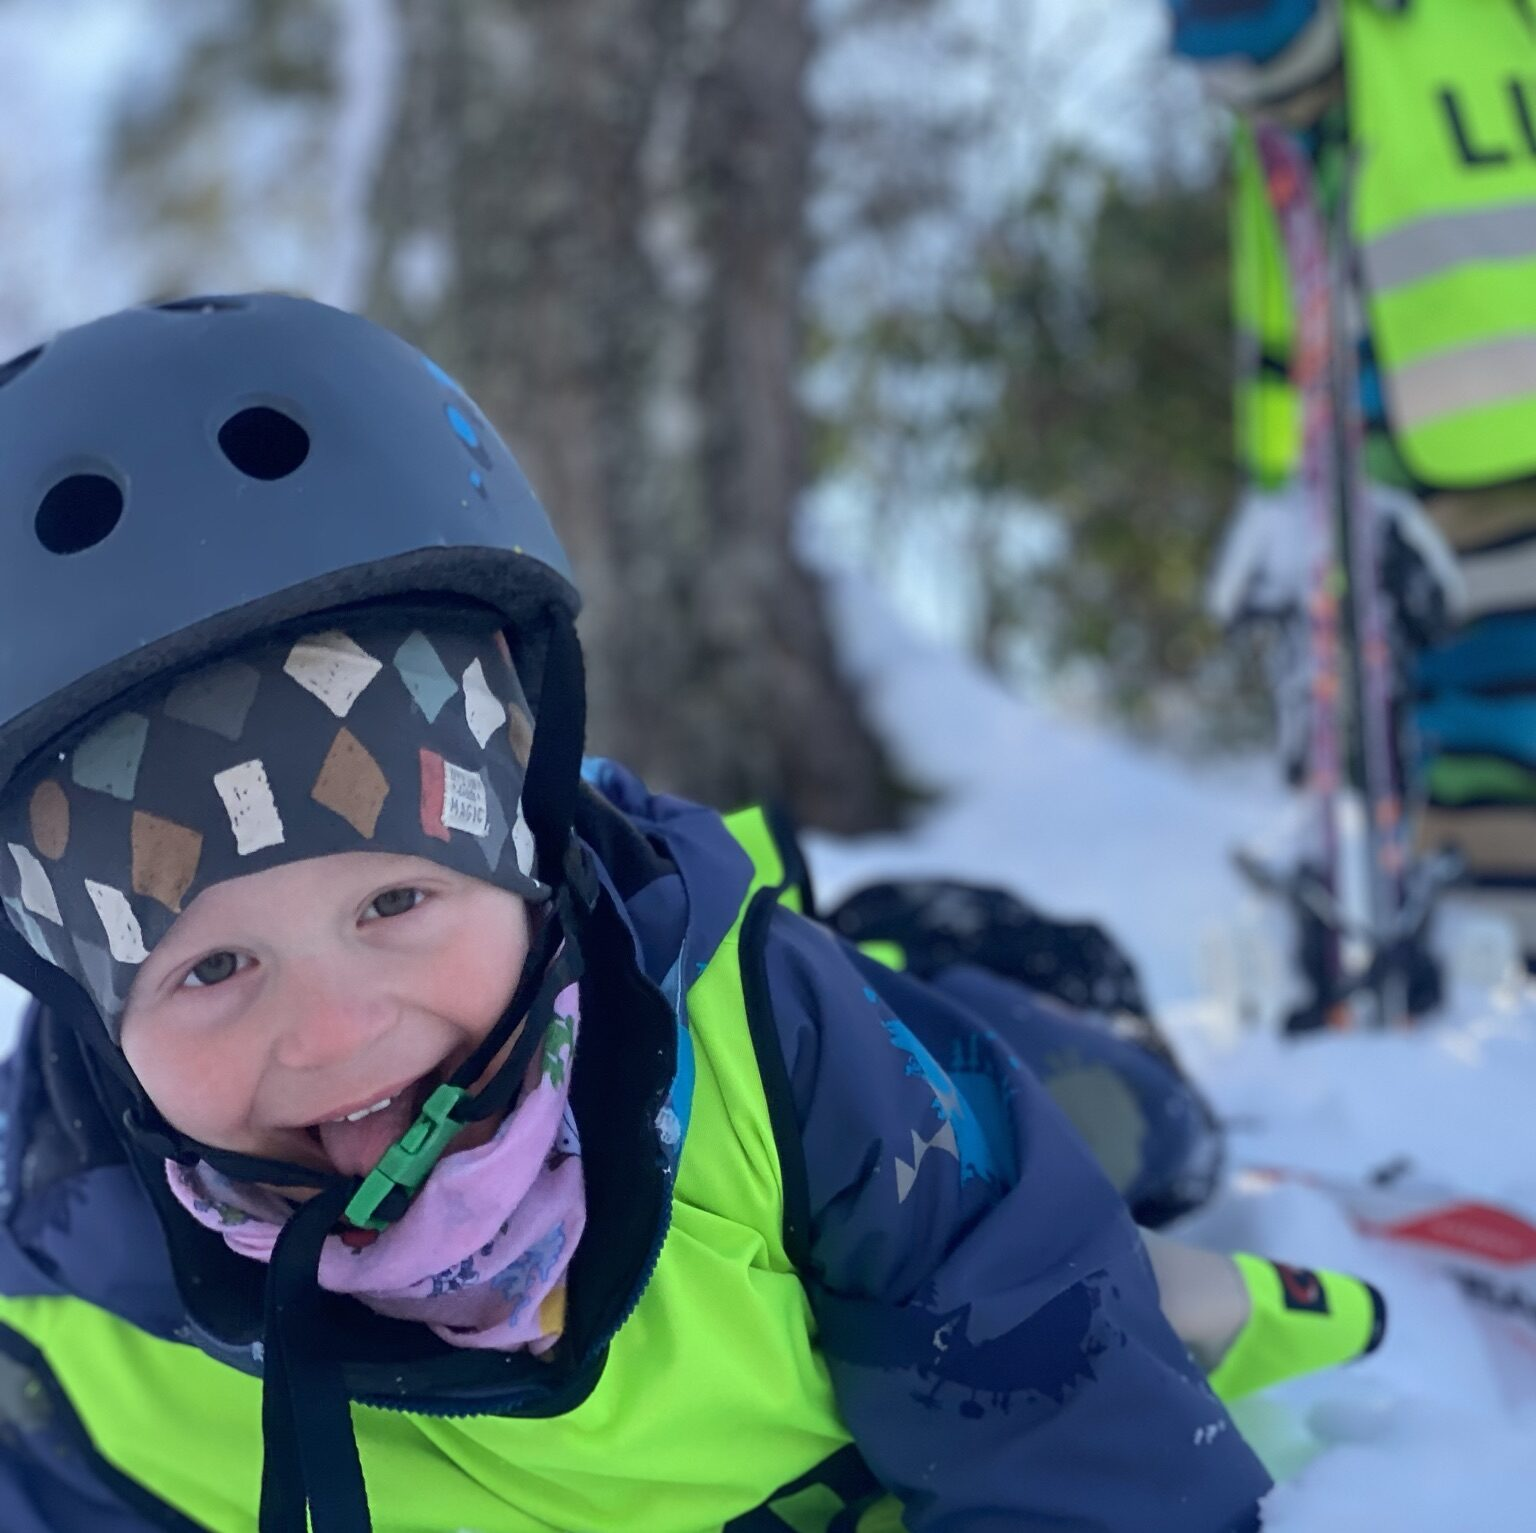 skrattande barn ligger i snön. Har hjälm, mössa och en väst på sig